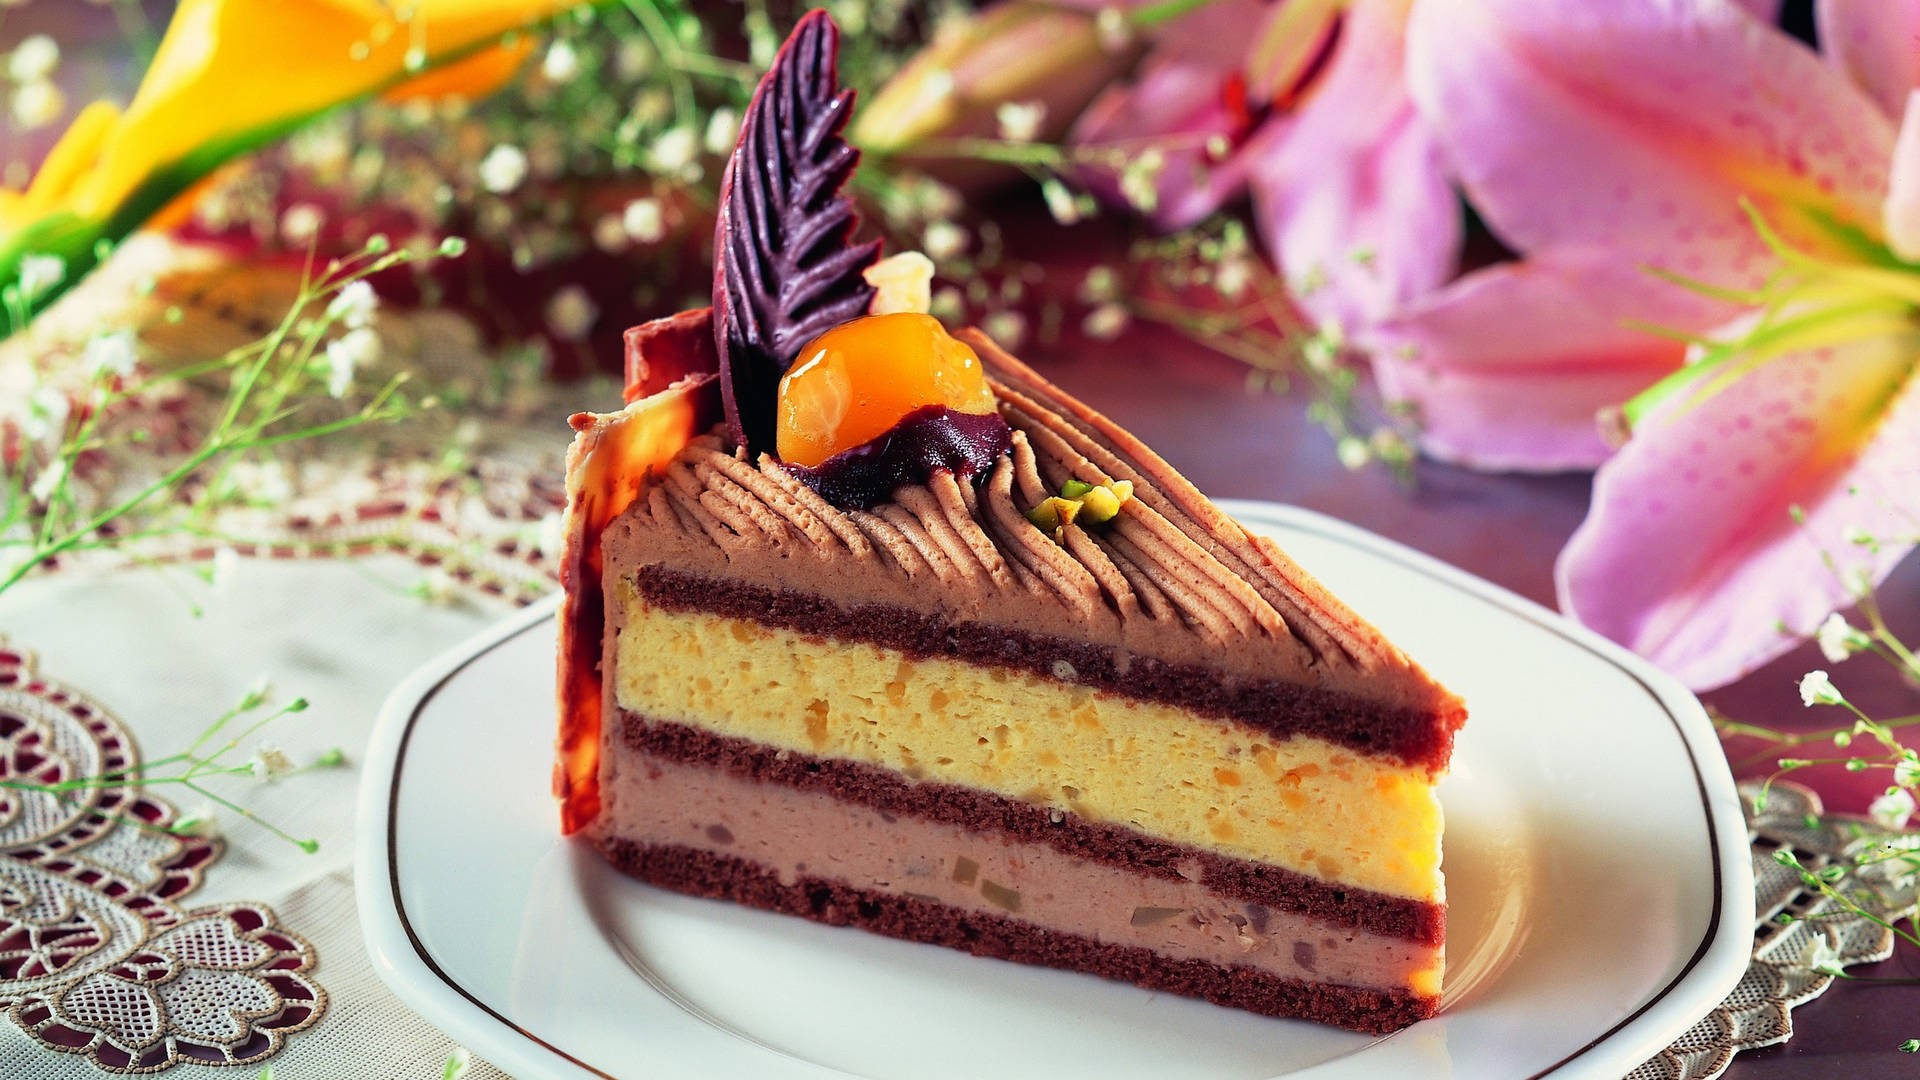 香甜可口的西餐糕点PPT背景图片免费下载是由PPT宝藏(www.pptbz.com)会员zengmin上传推荐的简约PPT背景图片, 更新时间为2017-01-20,素材编号120407。 糕点是一种食品。它是以面粉或米粉、糖、油脂、蛋、乳品等为主要原料,配以各种辅料、馅料和调味料,初制成型,再经蒸、烤、炸、炒等方式加工制成。糕点品种多样,花式繁多约有3000多种。月饼、蛋糕、酥饼等均属糕点。 糕点是一种食品。它是以面粉或米粉、糖、油脂、蛋、乳品等为主要原料,配以各种辅料、馅料和调味料,初制成型,再经蒸、